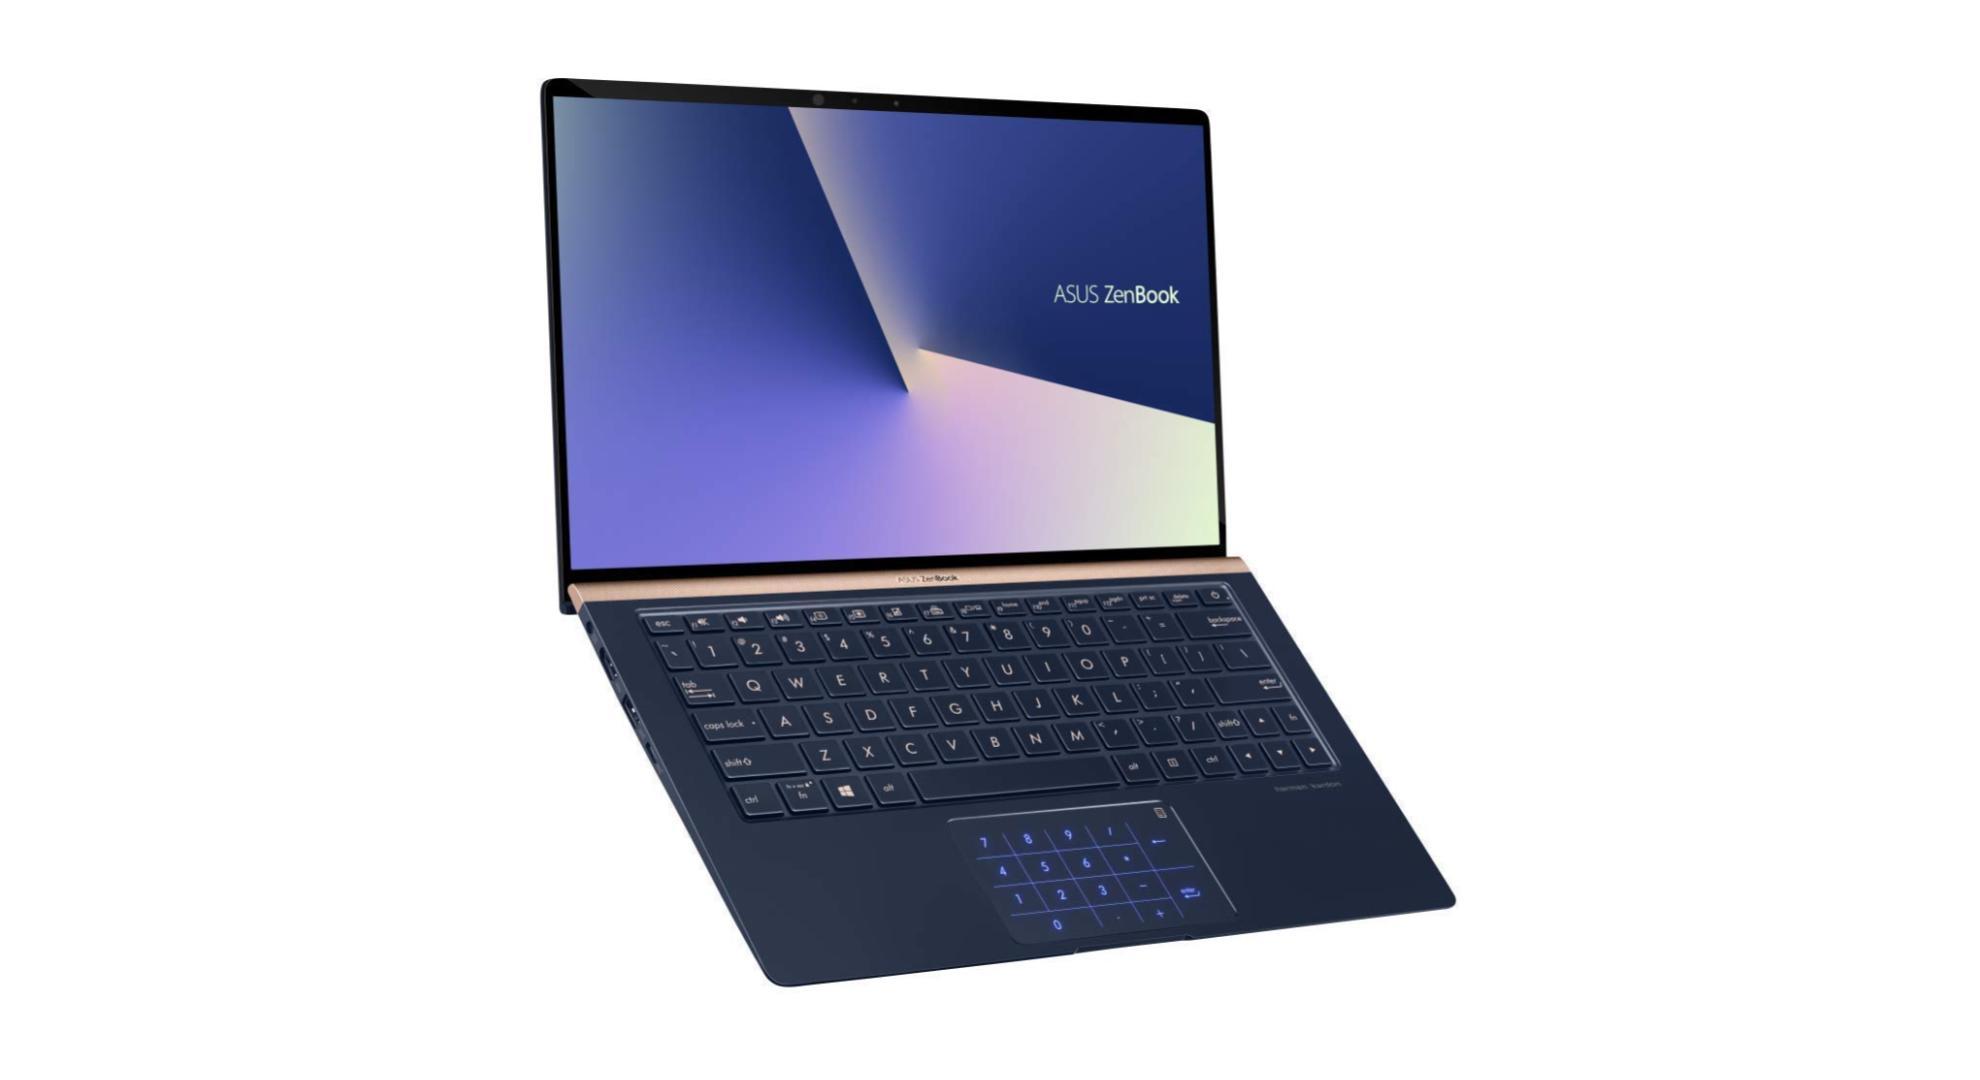 075368a92d2 Le modèle 13,3 pouces, qui intègre également la fonction « NumberPad« ,  embarque un écran Full HD de 13,3 pouces, un processeur Intel Core ...